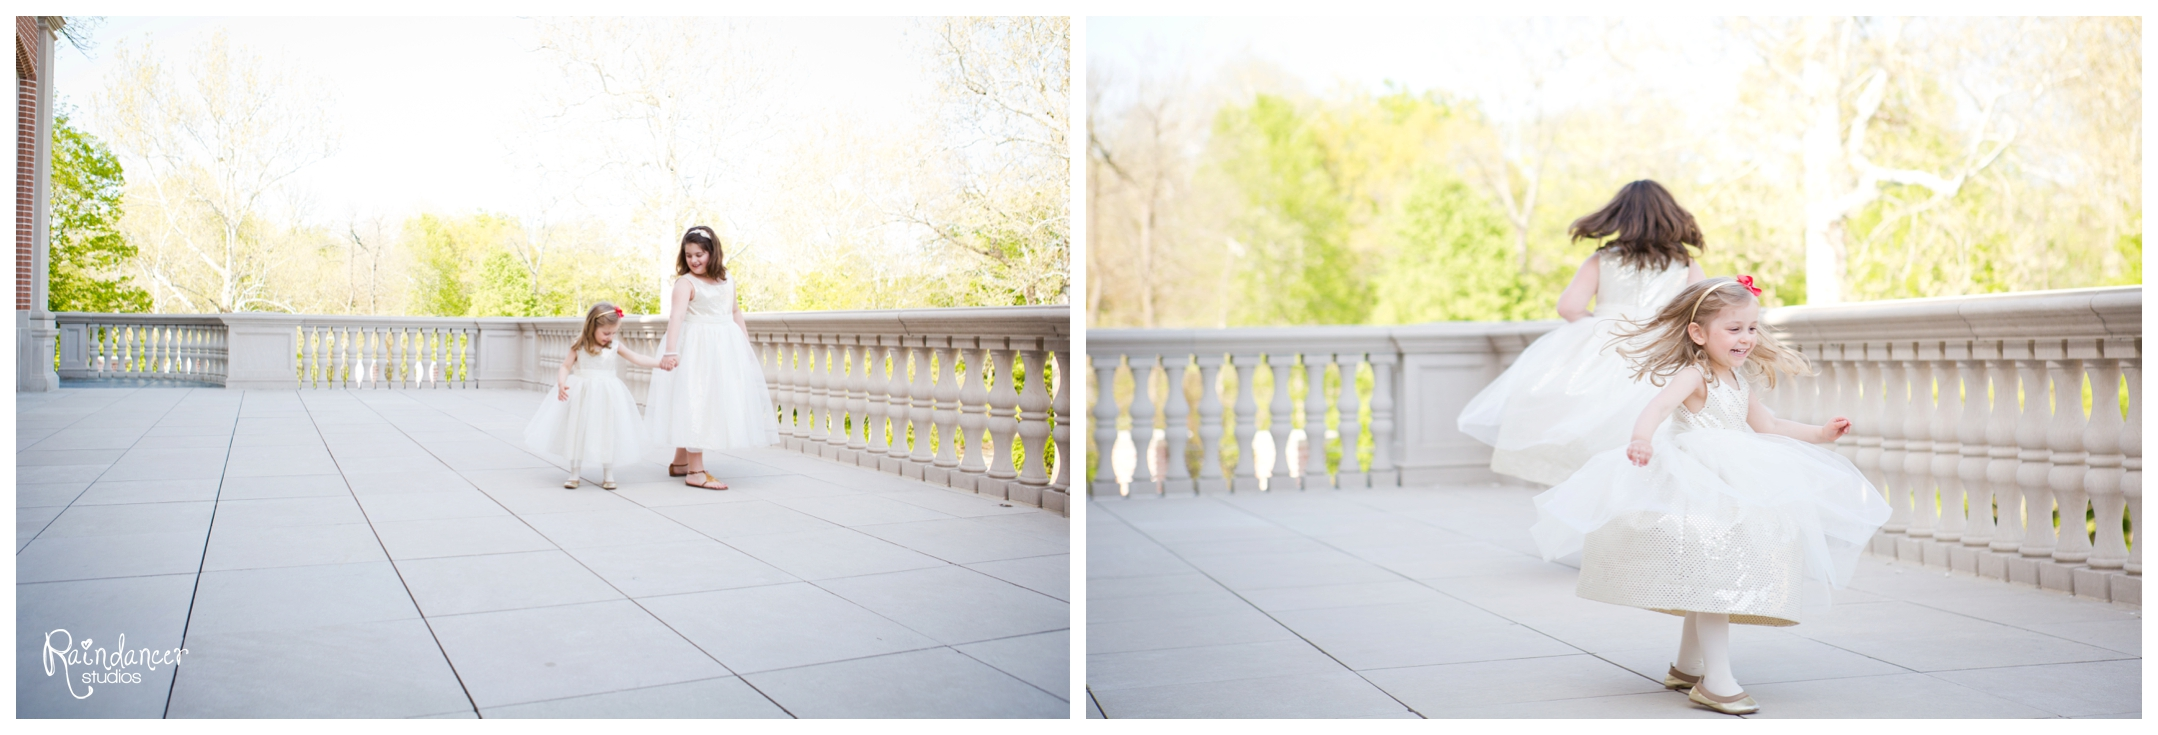 Indianapolis Wedding Dress 53 Fabulous  Indianapolis Wedding Photographer